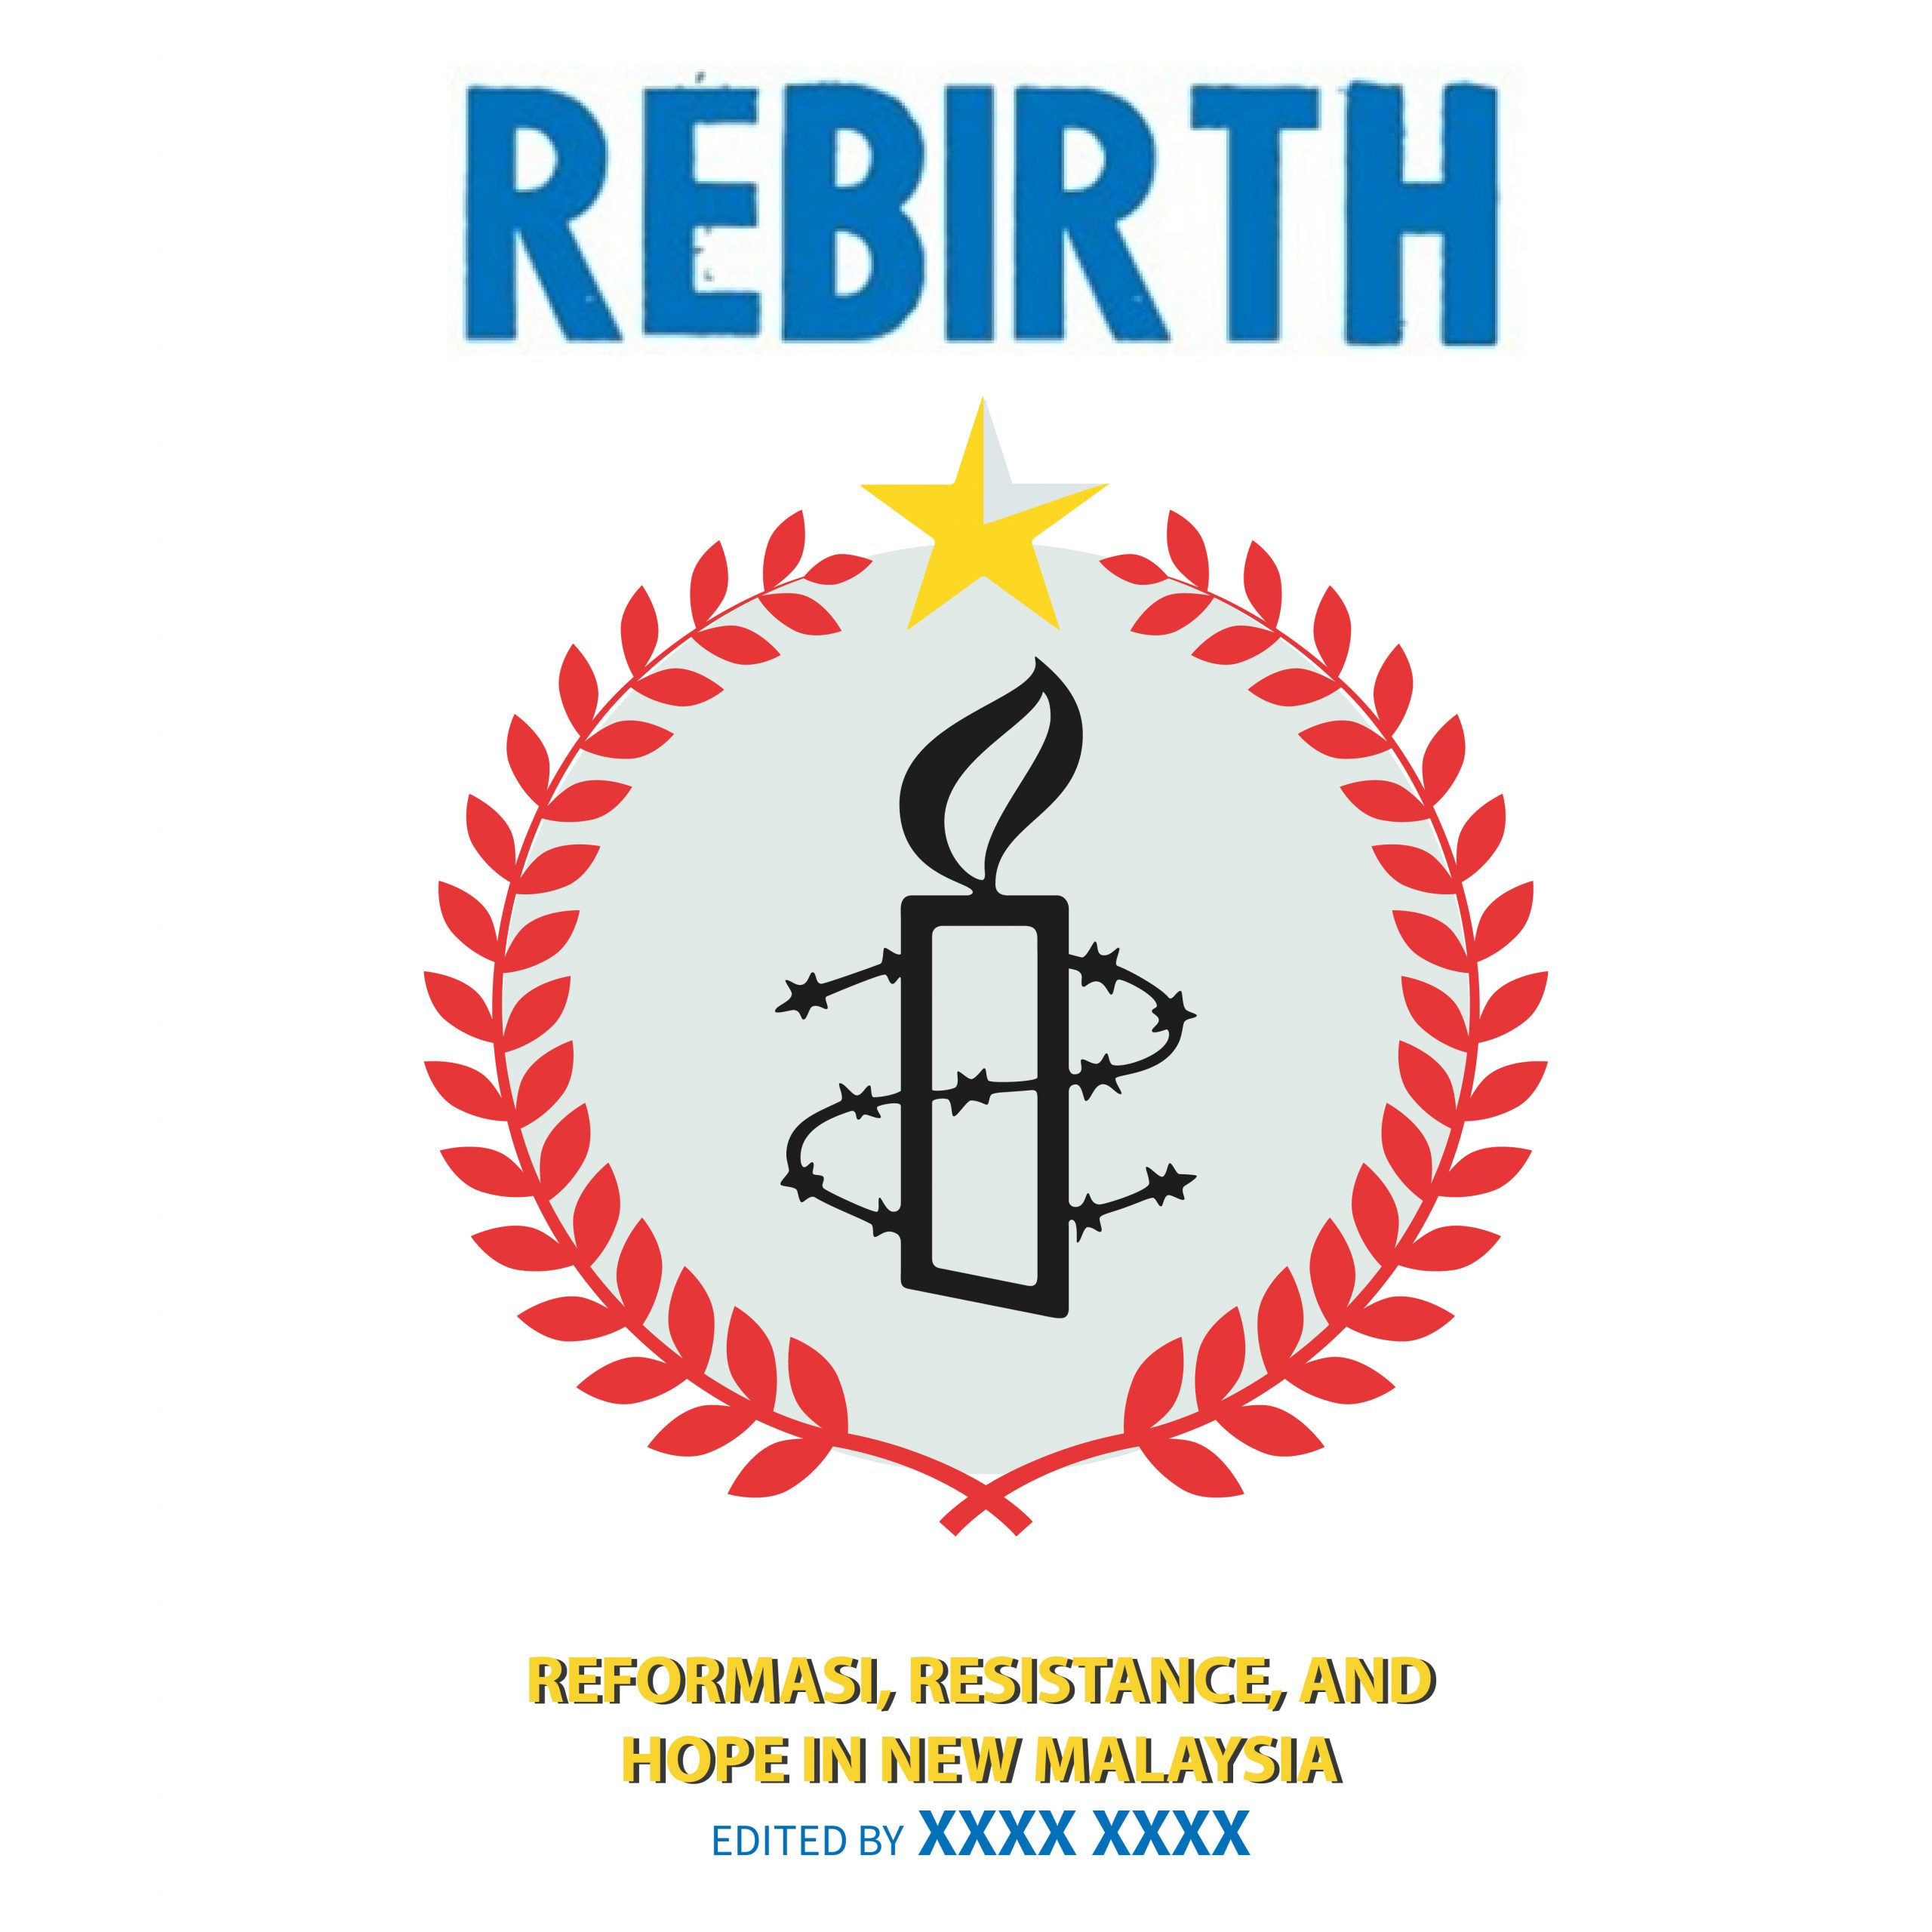 rebirth book